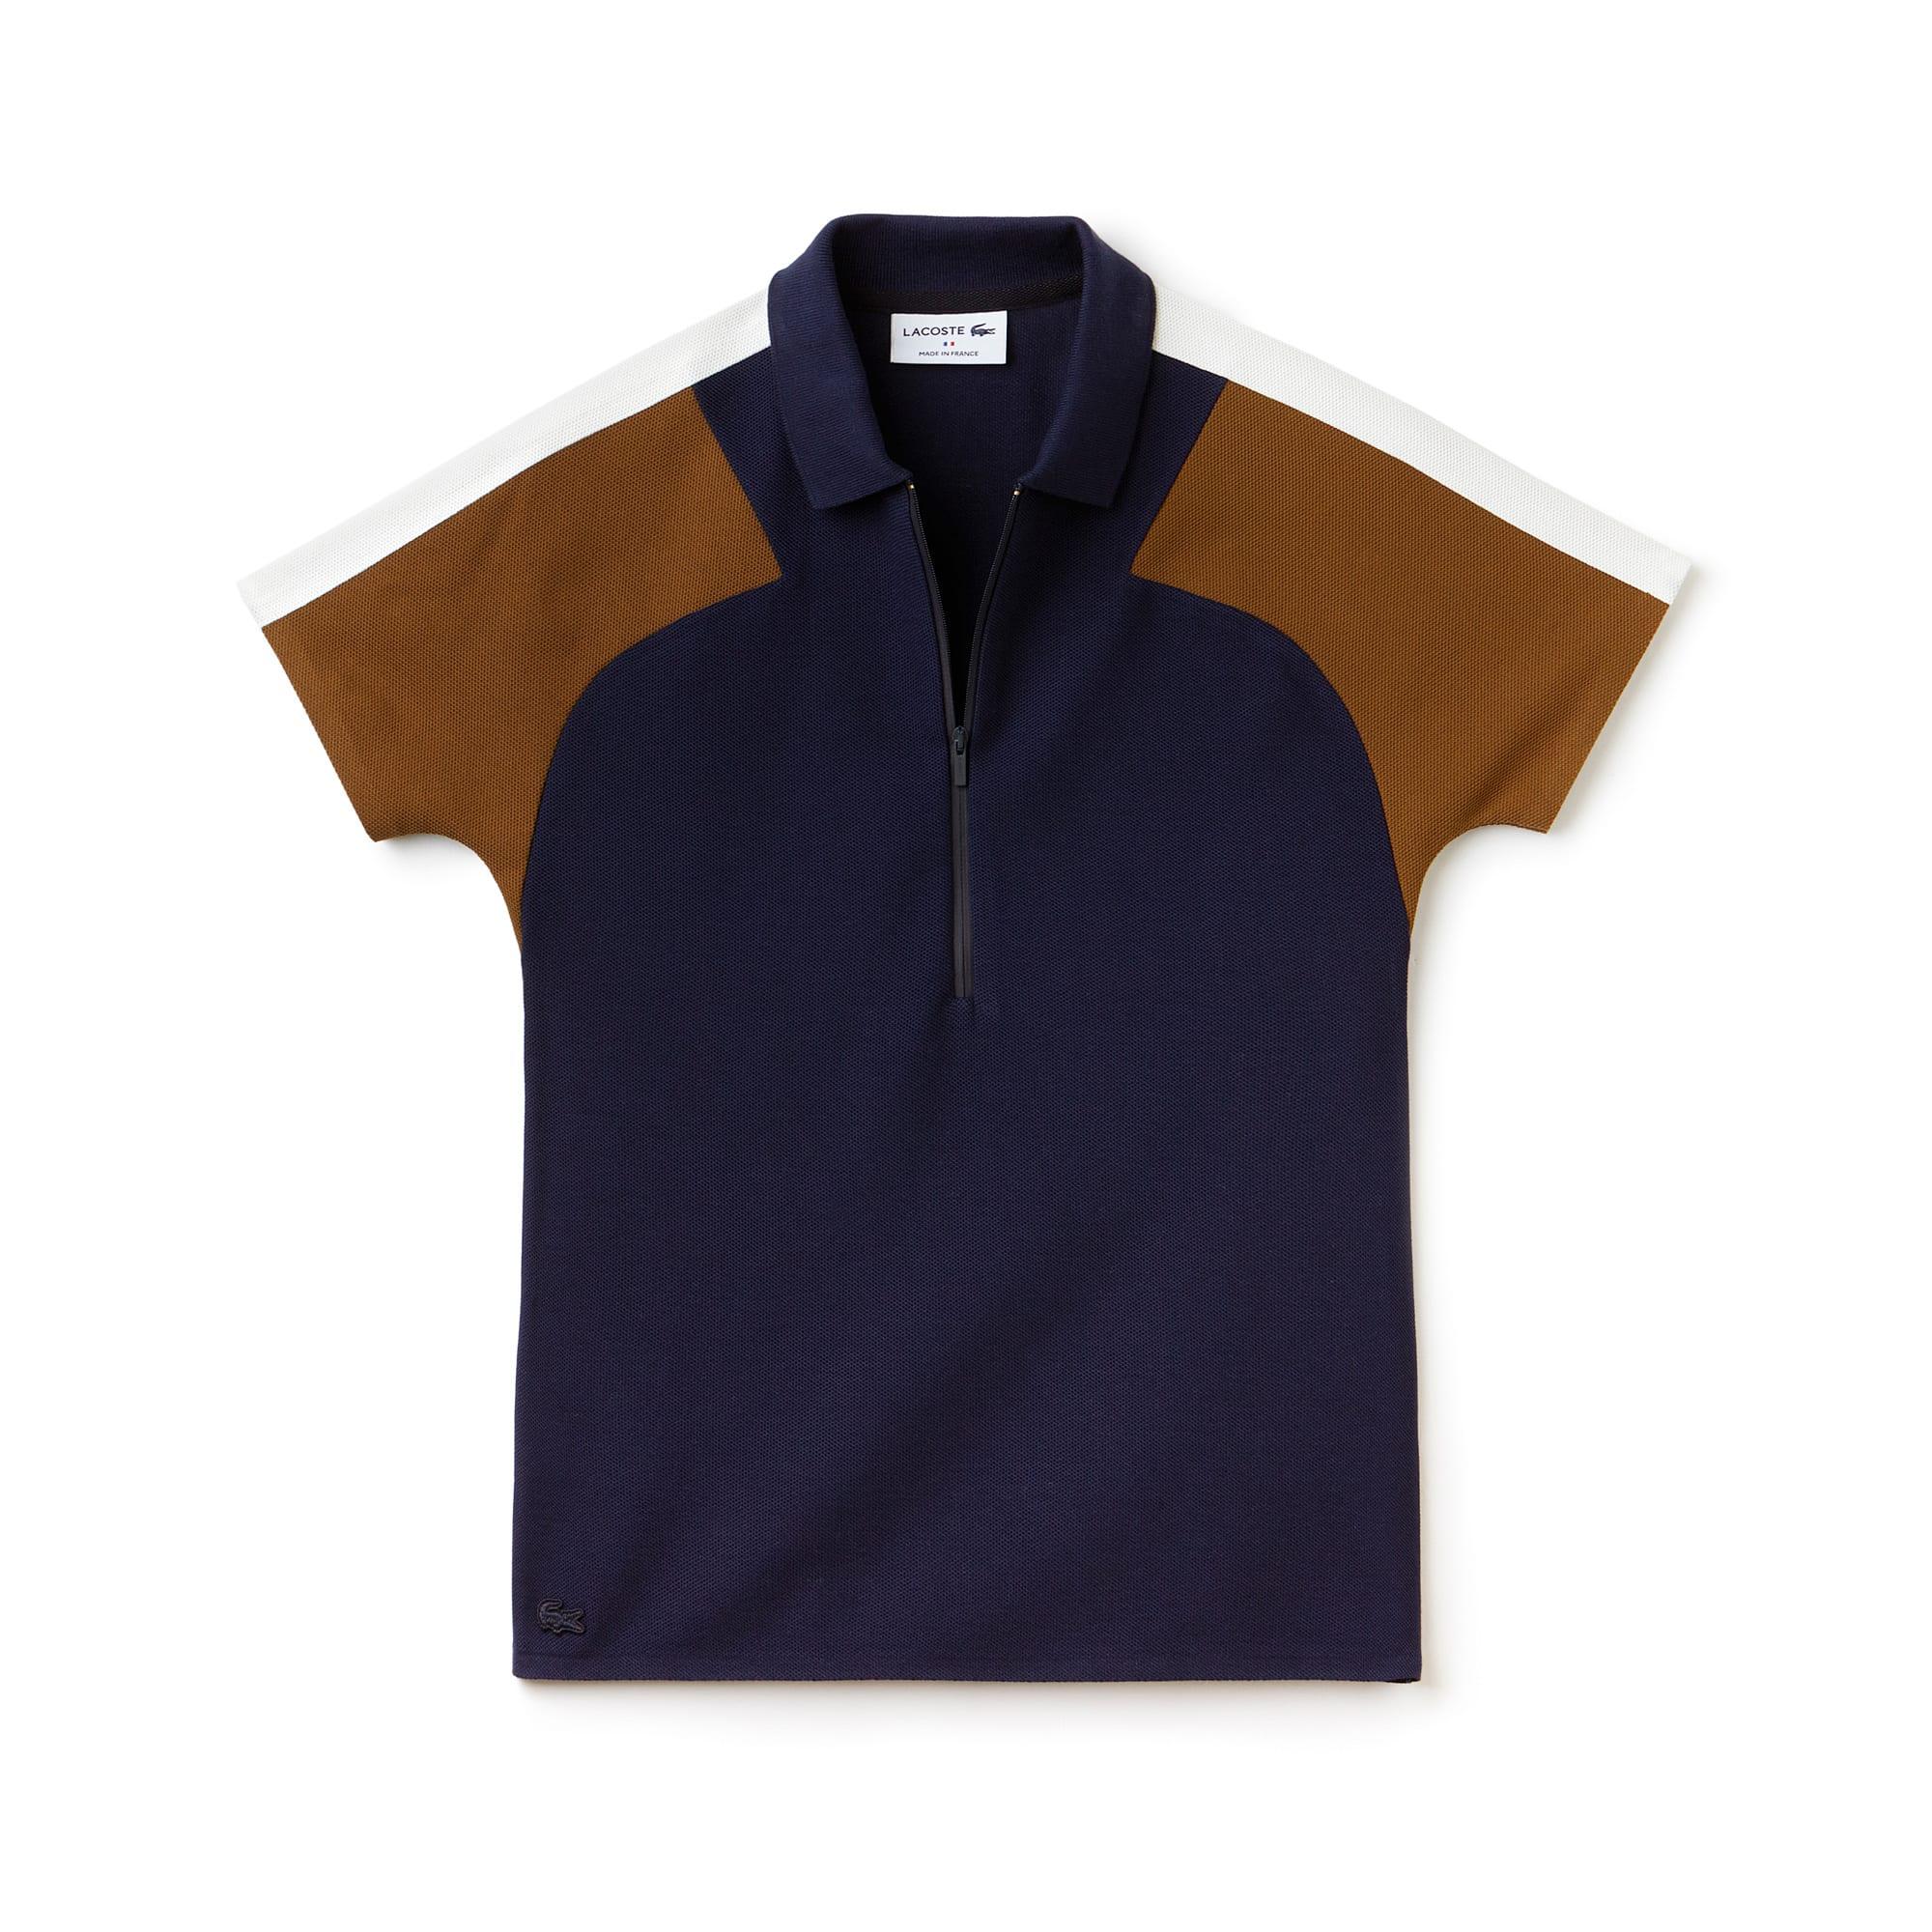 Polo colarinho com fecho de correr slim fit Lacoste Made in France em piqué color block